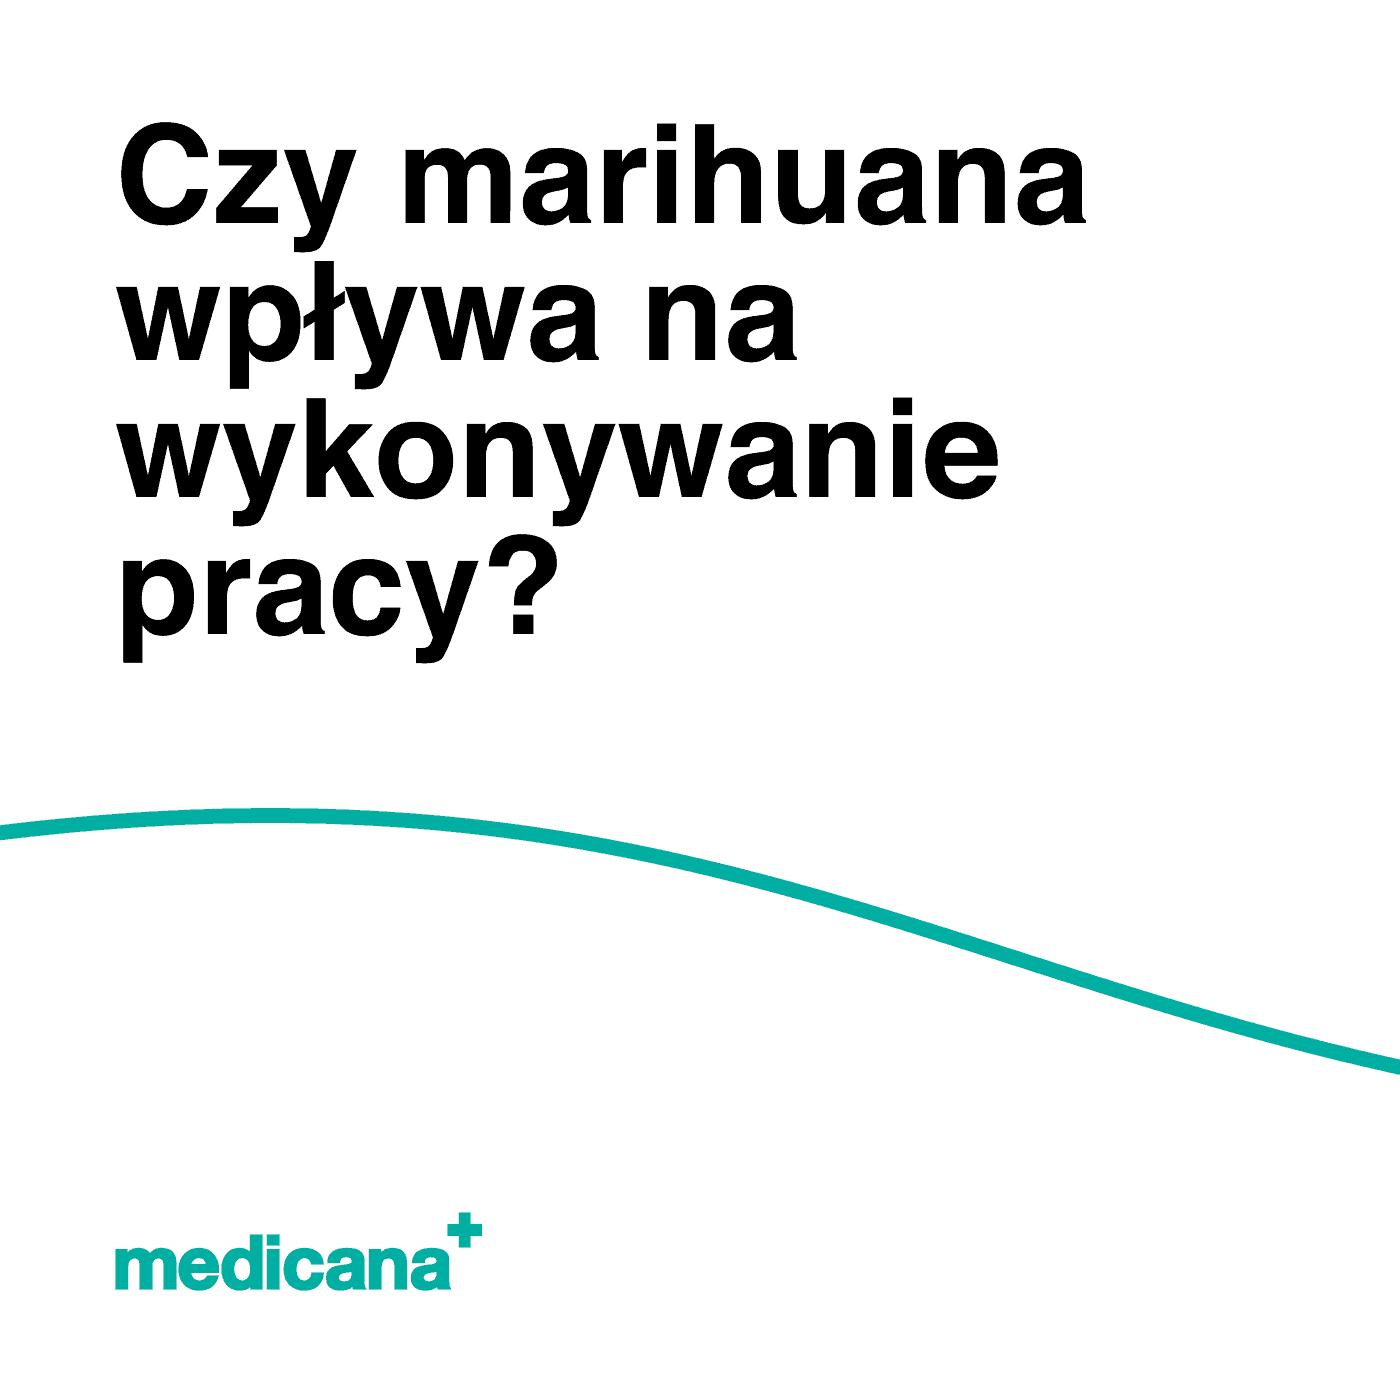 """Grafika, na białym tle czarny napis """"Czy marihuana wpływa na wykonywanie pracy?"""" oraz zieloną linią na dole i zielonym logo medicana w lewym dolnym rogu."""